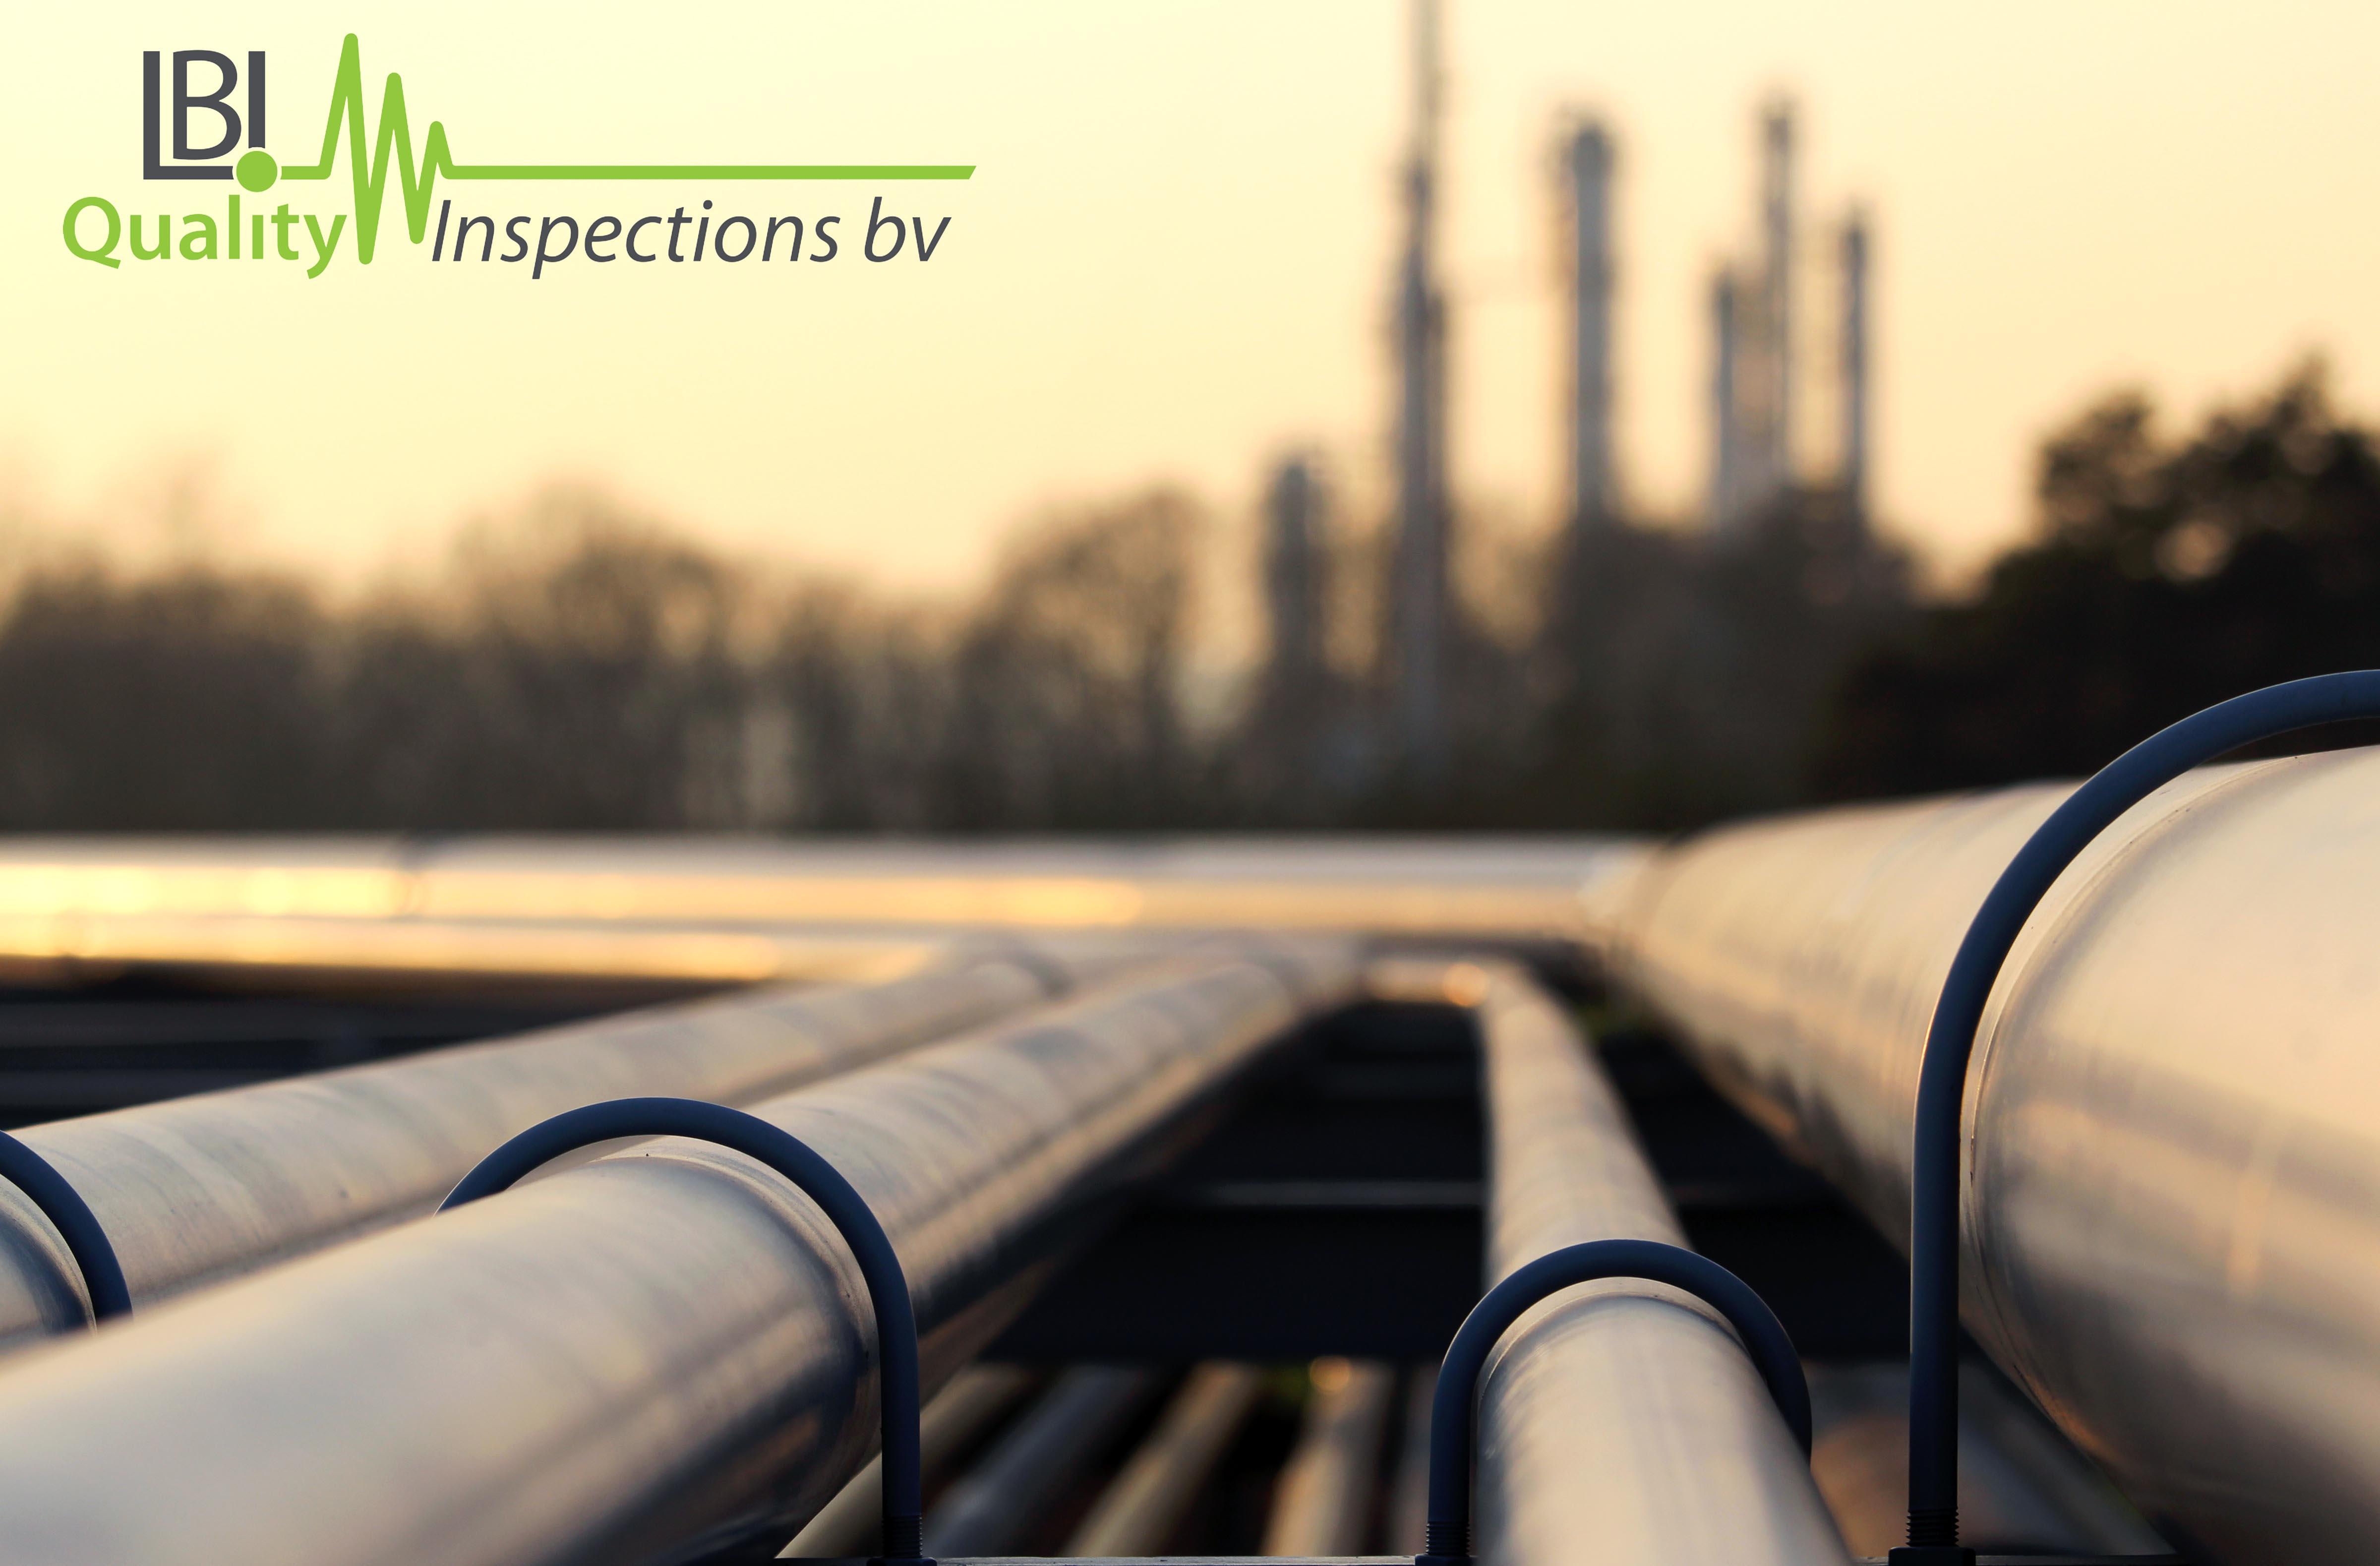 Pipeline LBI